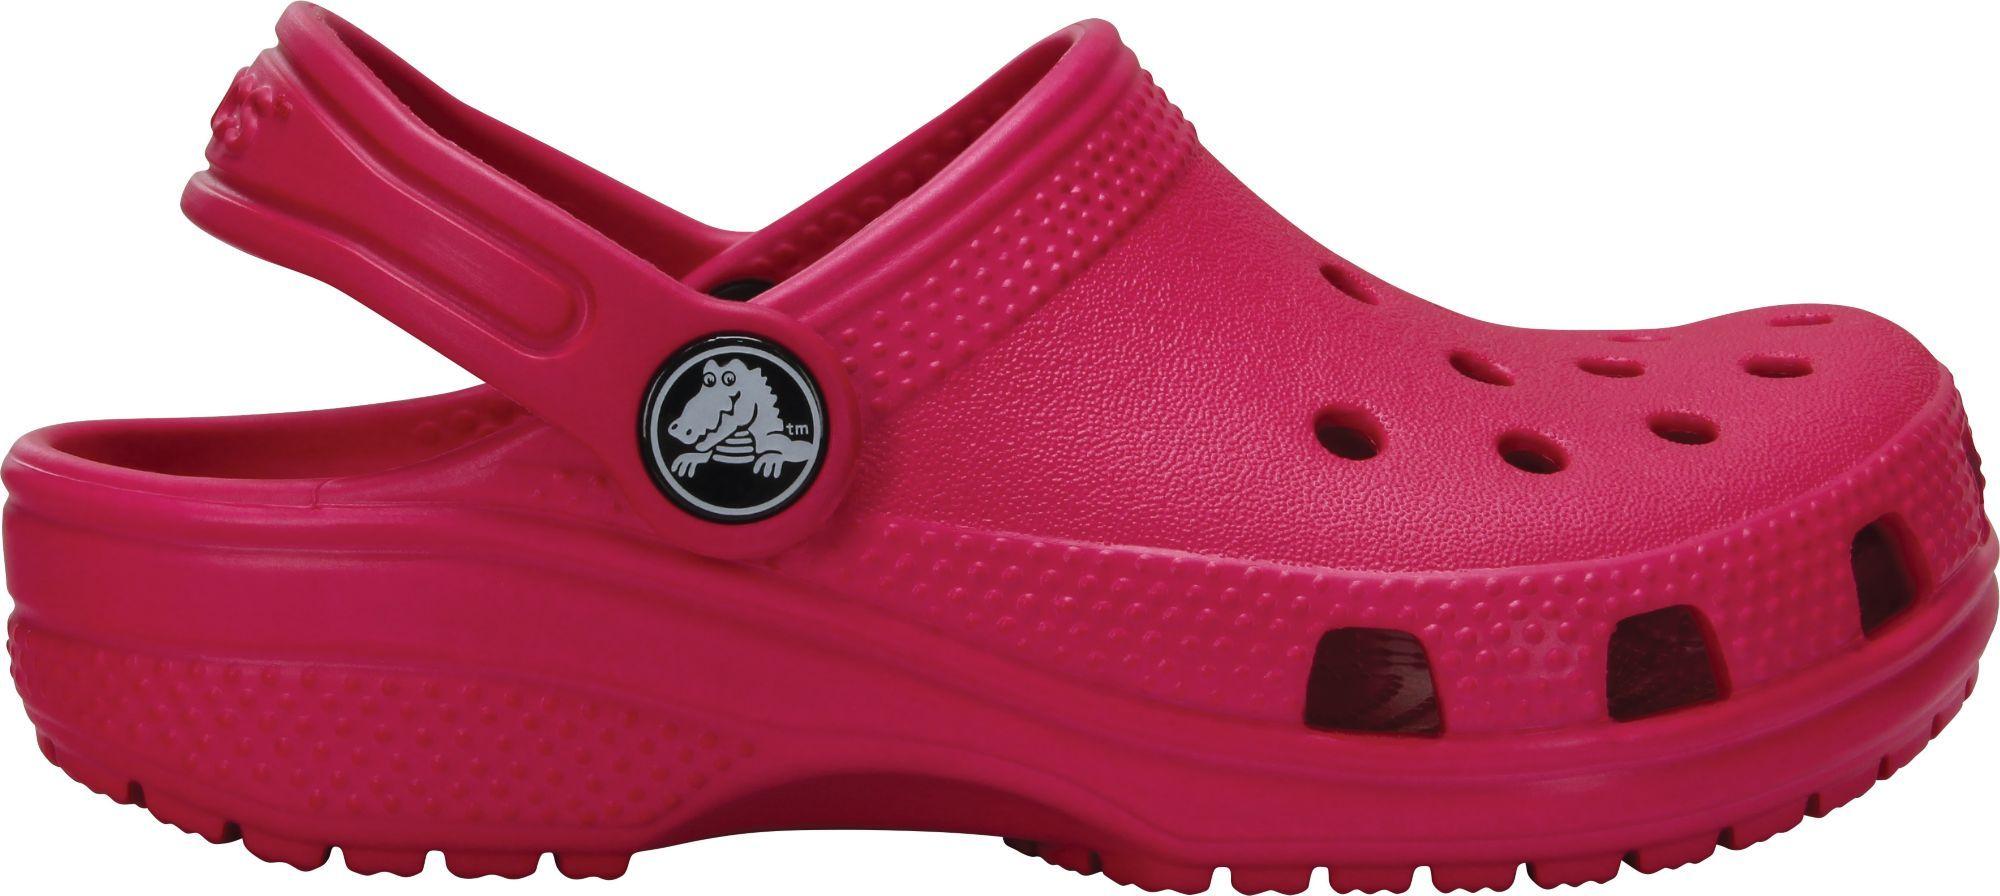 d736722fb5c37 Crocs Kids  Classic Clogs